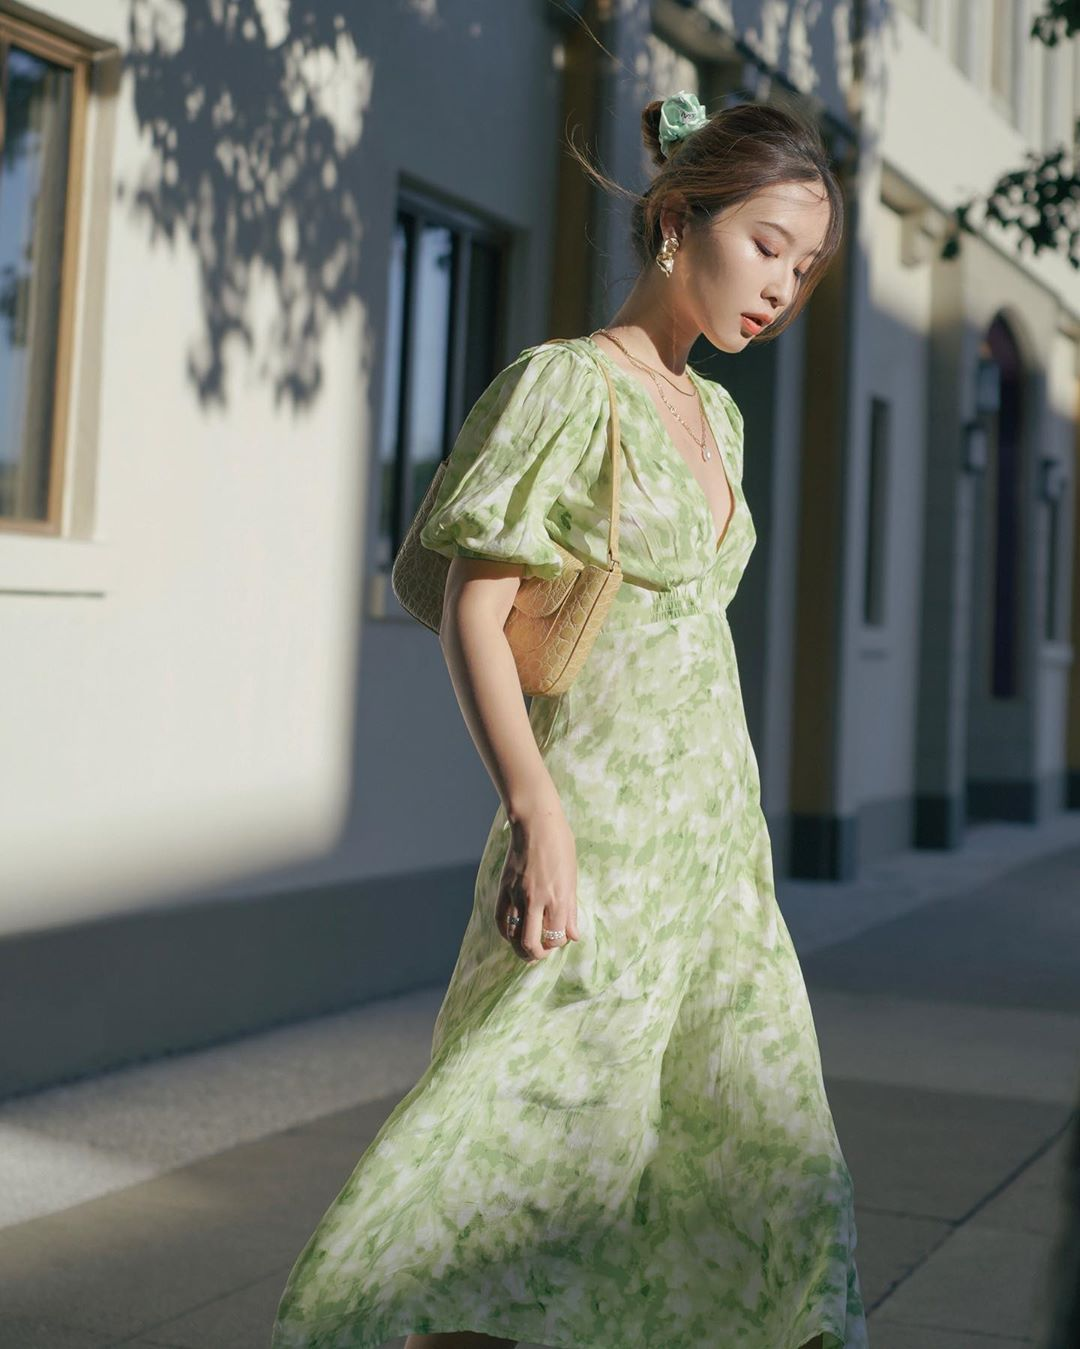 Sáng suốt nhất là tậu hết 5 mẫu váy hot trường tồn với thời gian sau đây, mặc chỉ xịn đẹp trở lên chứ không kém - Ảnh 2.